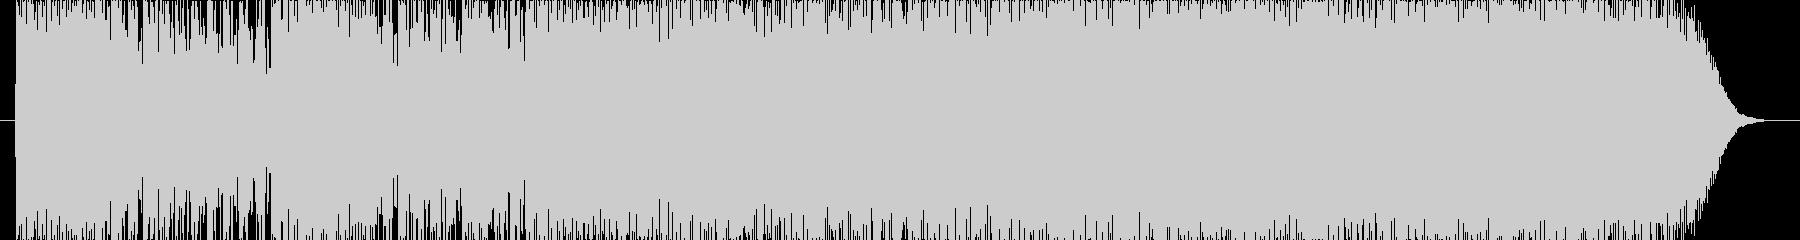 機械的な音楽の未再生の波形